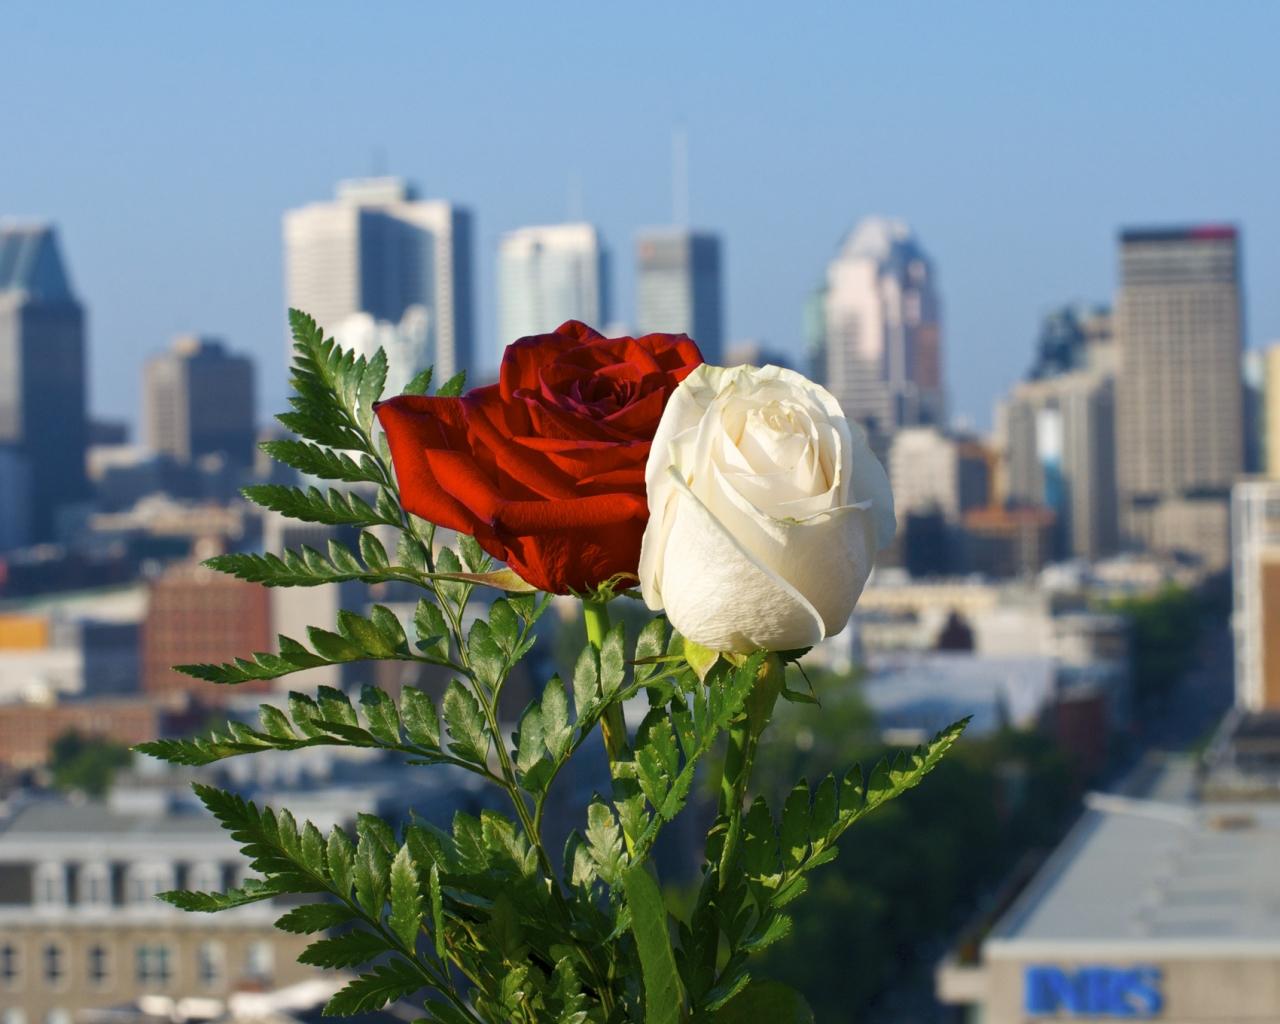 Rosas blanca y roja - 1280x1024